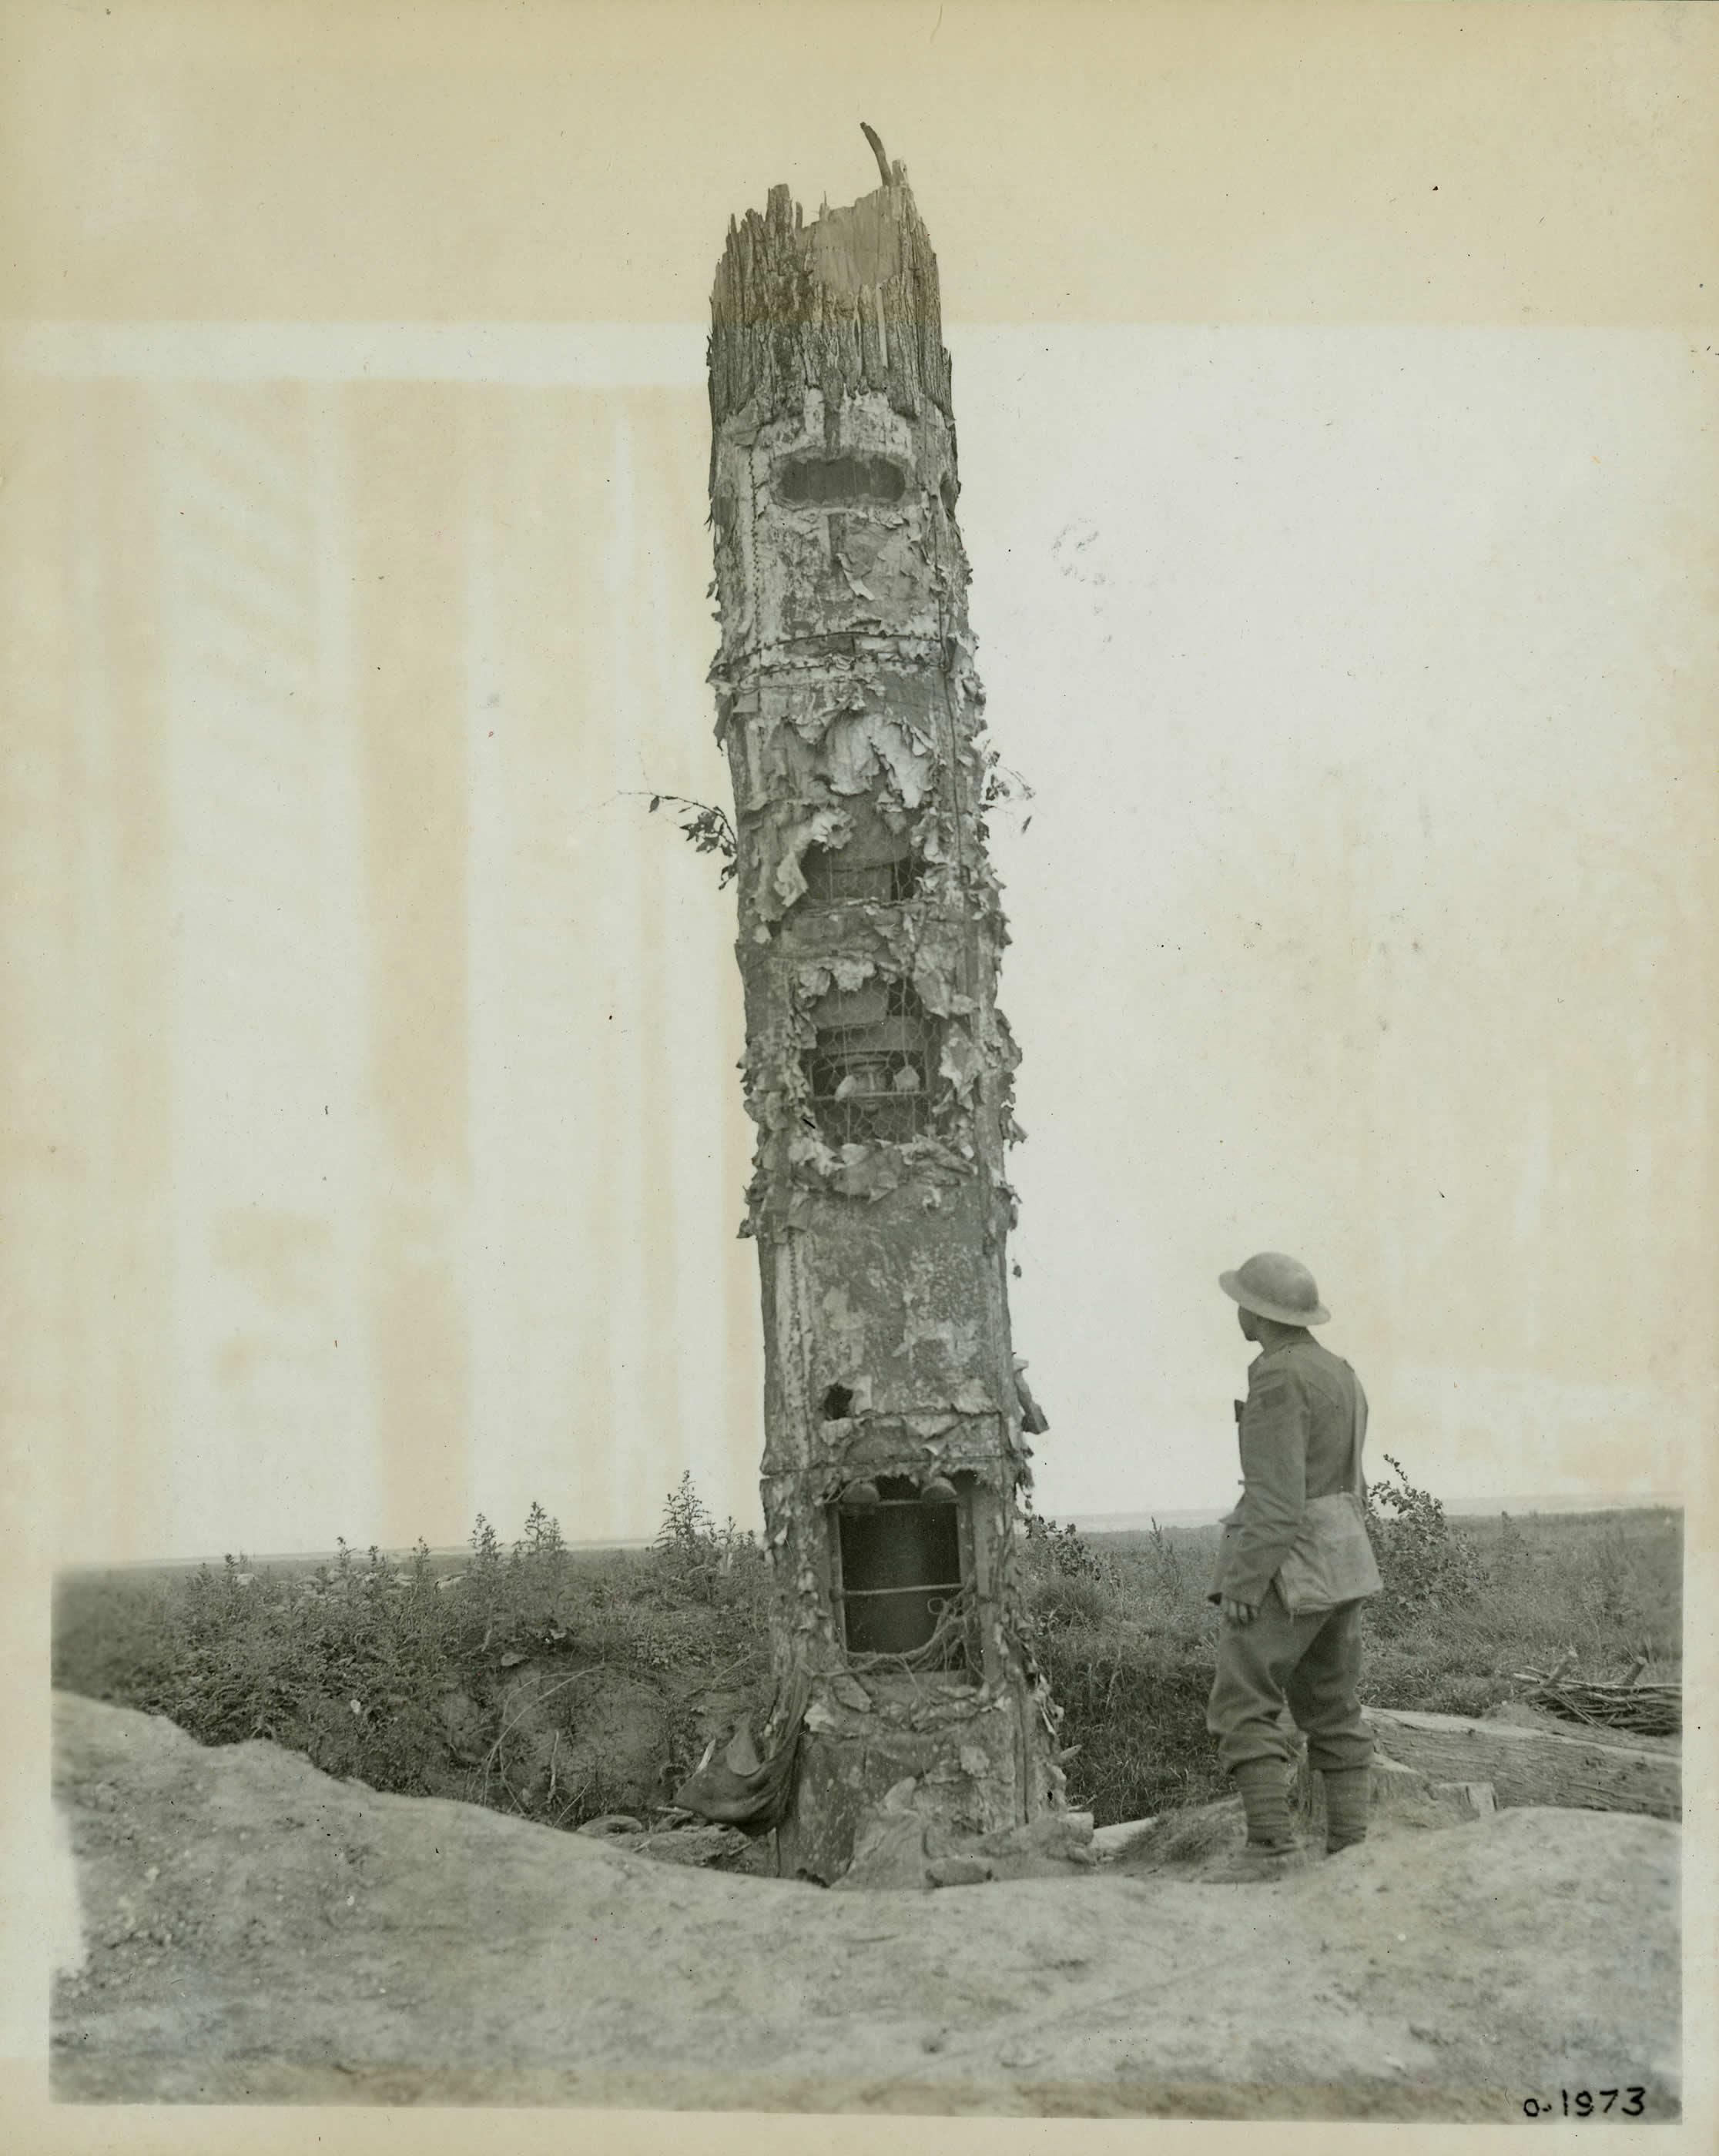 Poste d'observation dans un tronc d'arbre